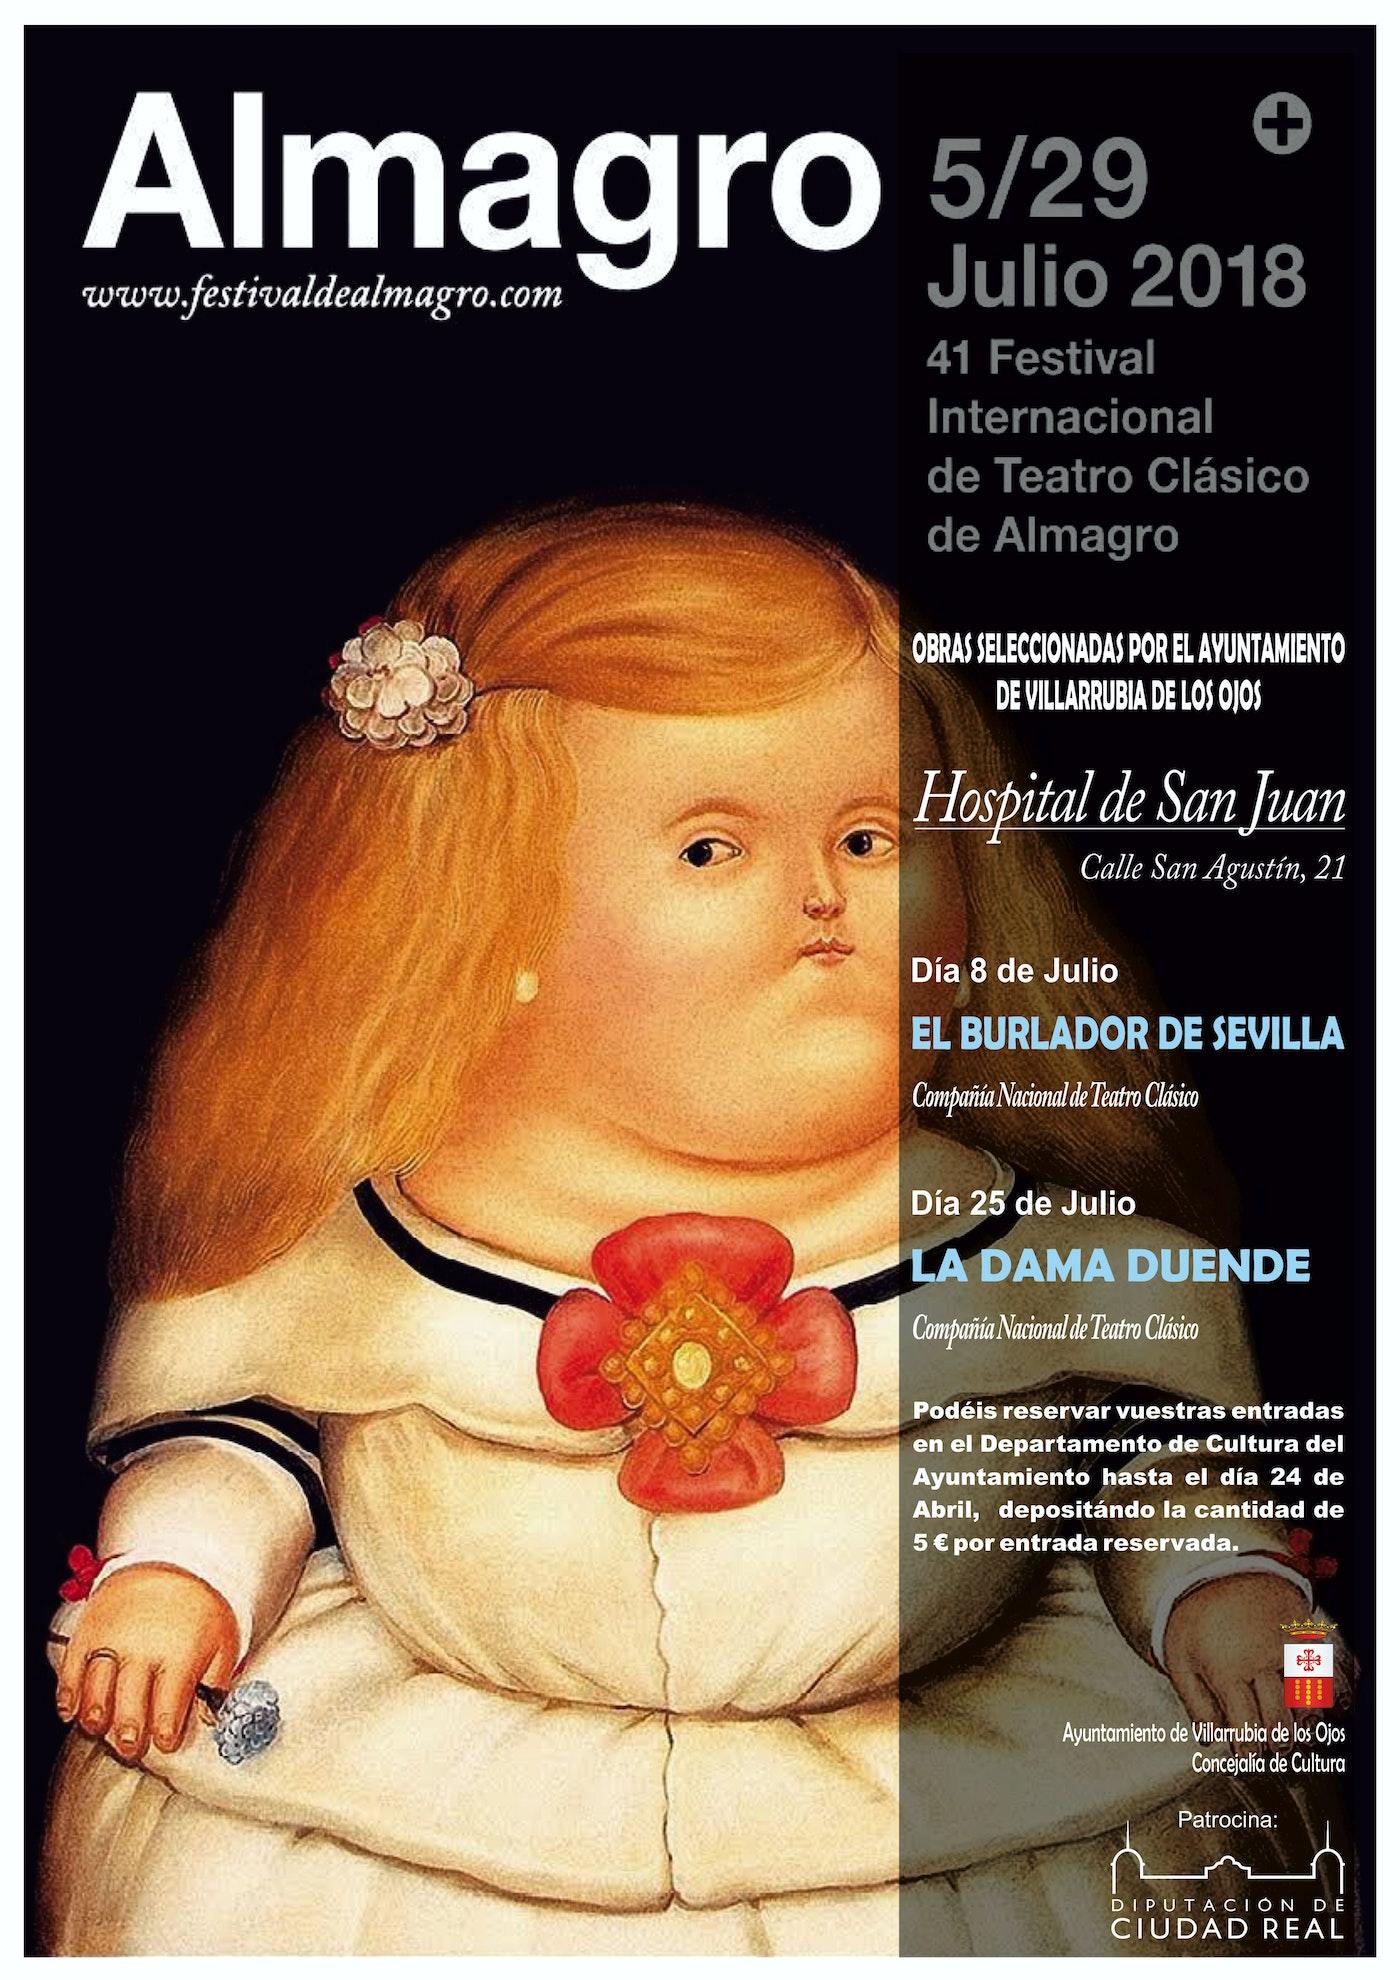 Festival Internacional de Teatro Clásico de Almagro 2018